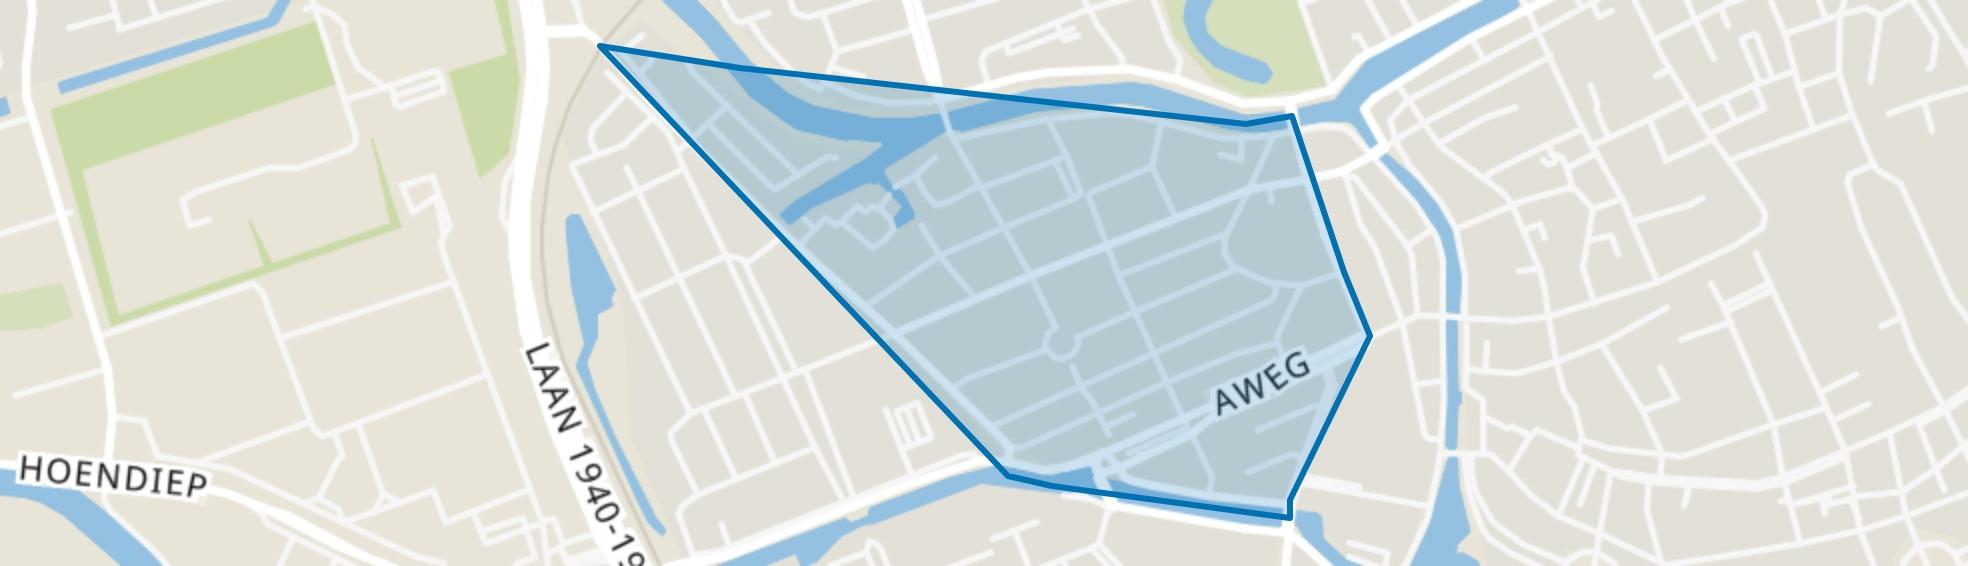 Schildersbuurt, Groningen map